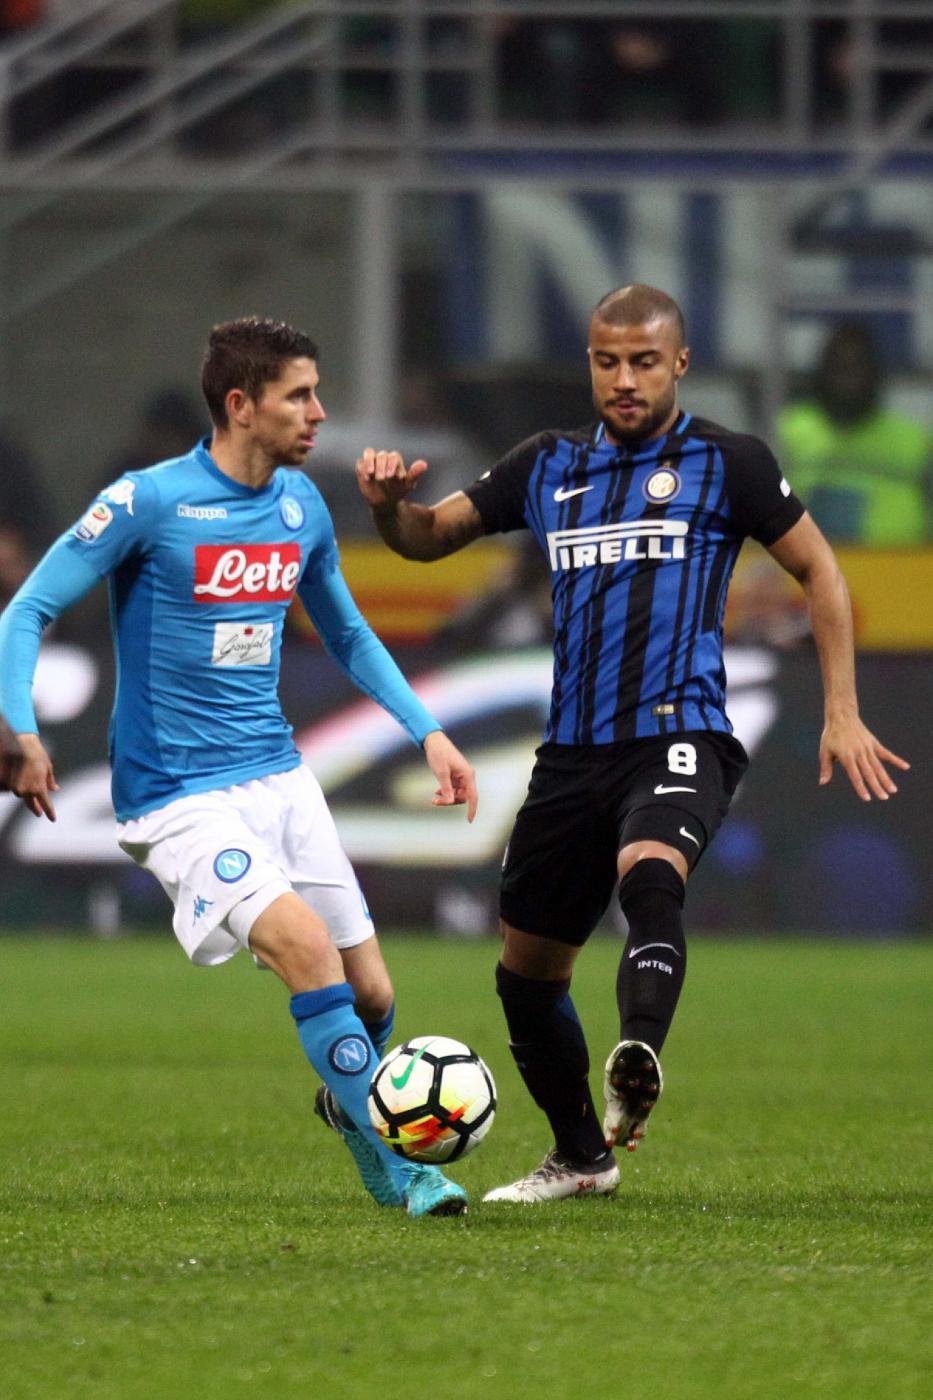 Finisce senza reti il posticipo della 28a giornata di Serie A. Inter e Napoli non sono andati oltre lo 0-0 di partenza nel big match di San Siro, permettendo alla Juventus di prendersi il primato in classifica.<br /><br />